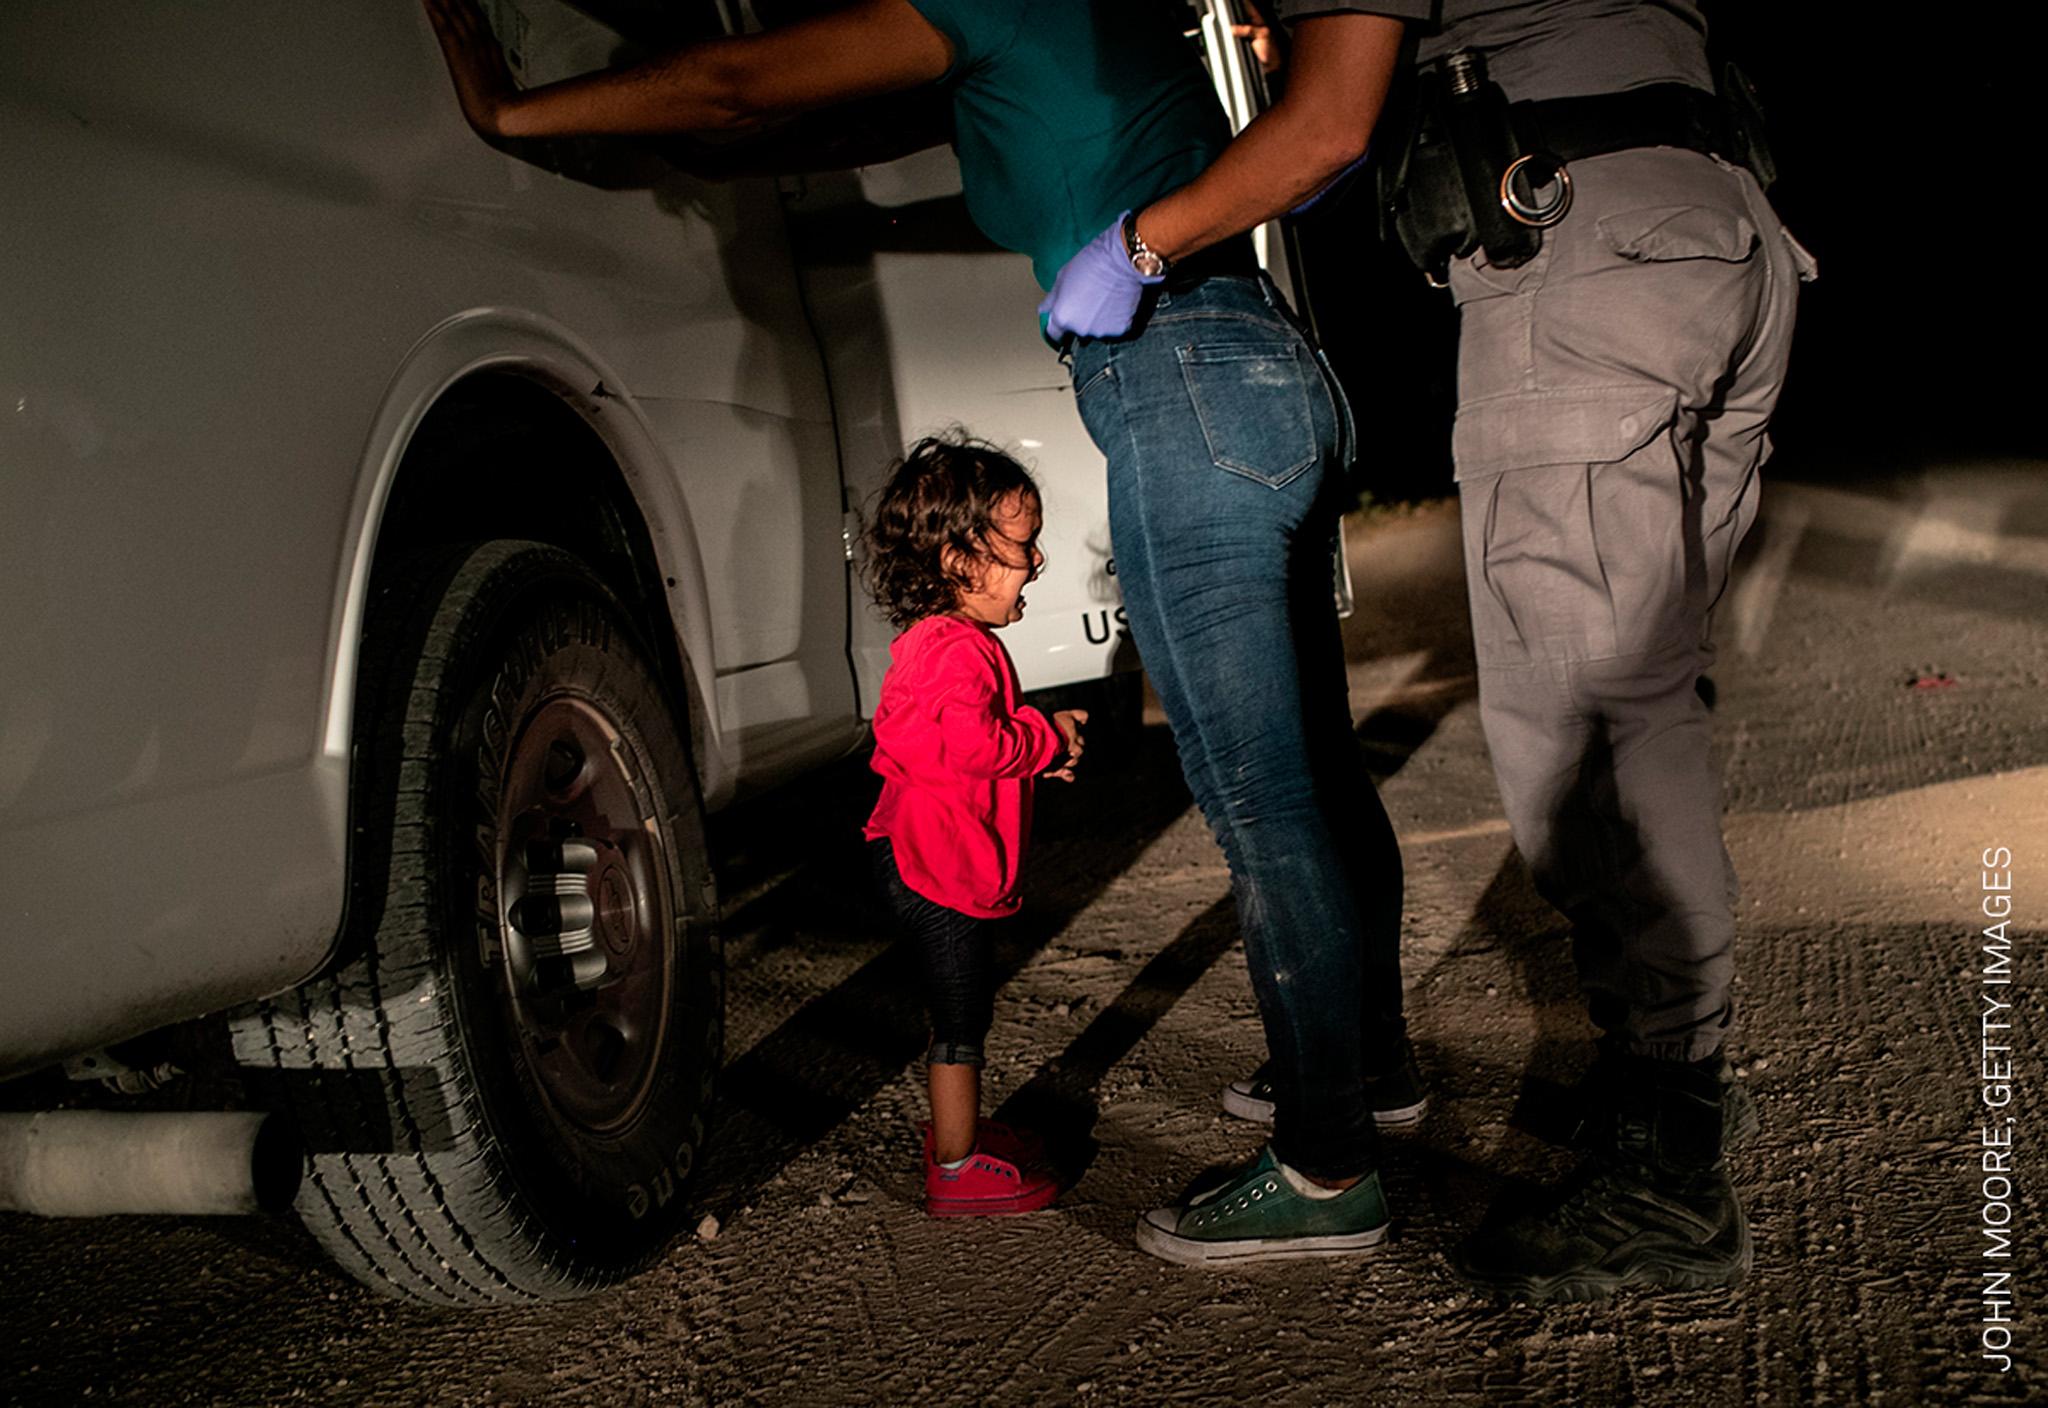 De winnende foto van John Moore, Getty Images. World Press Photo 2019.